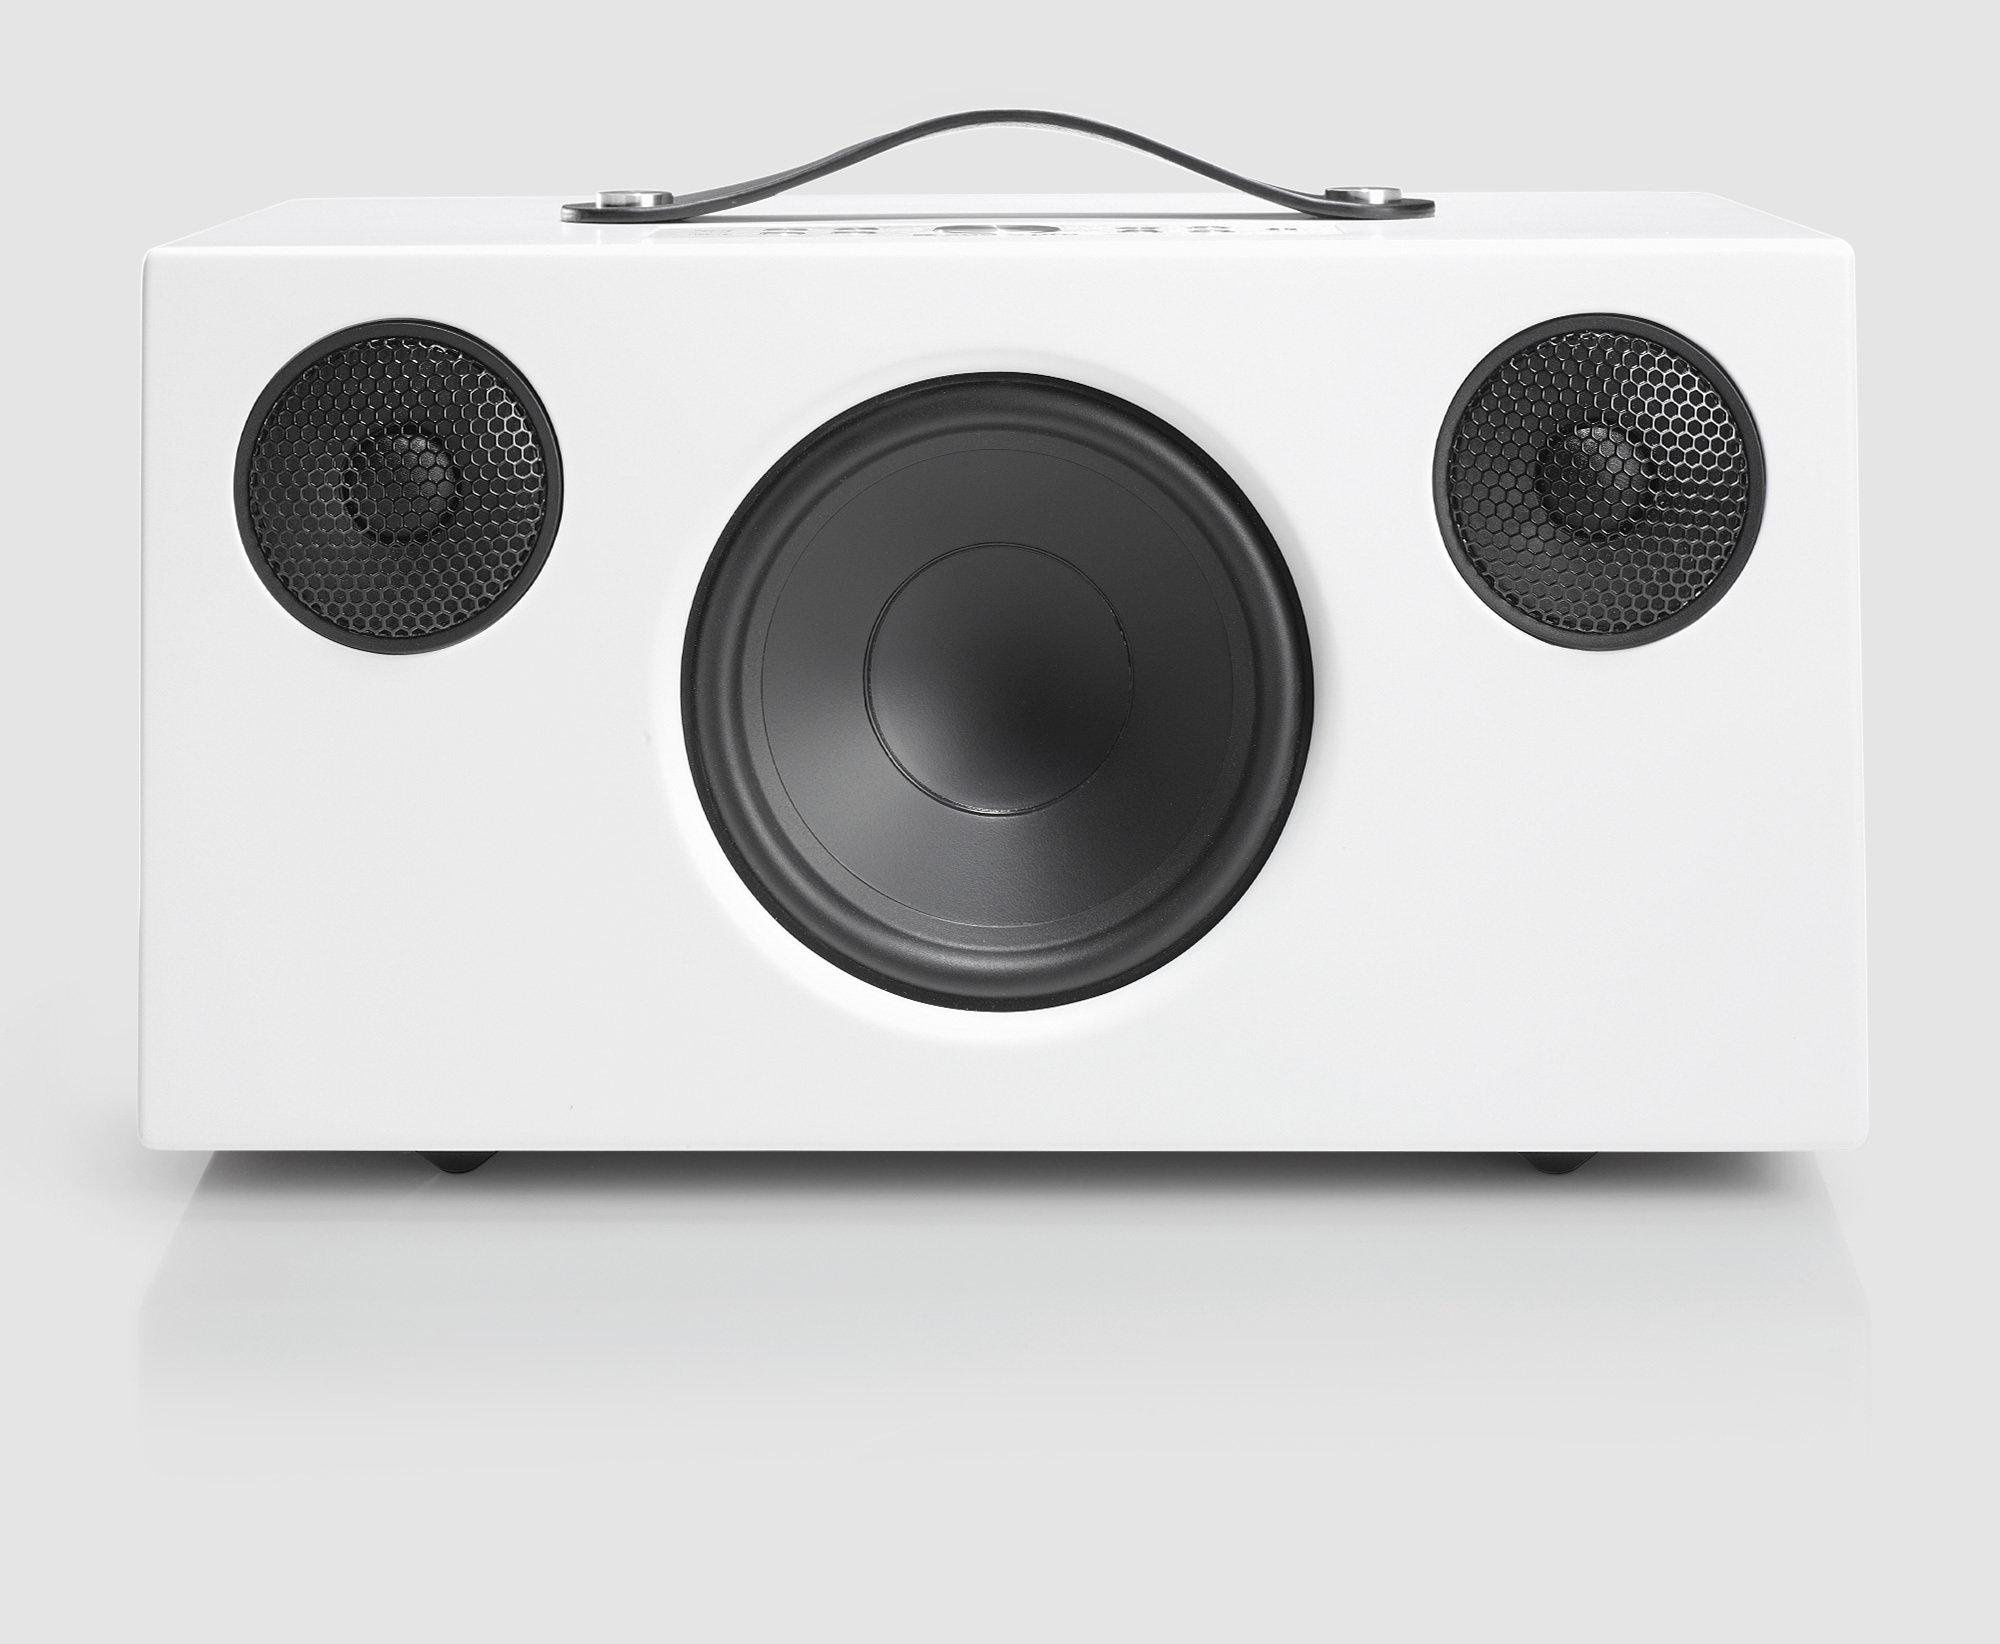 Billede af Audio pro addon C10 trådløs Multirums højttaler